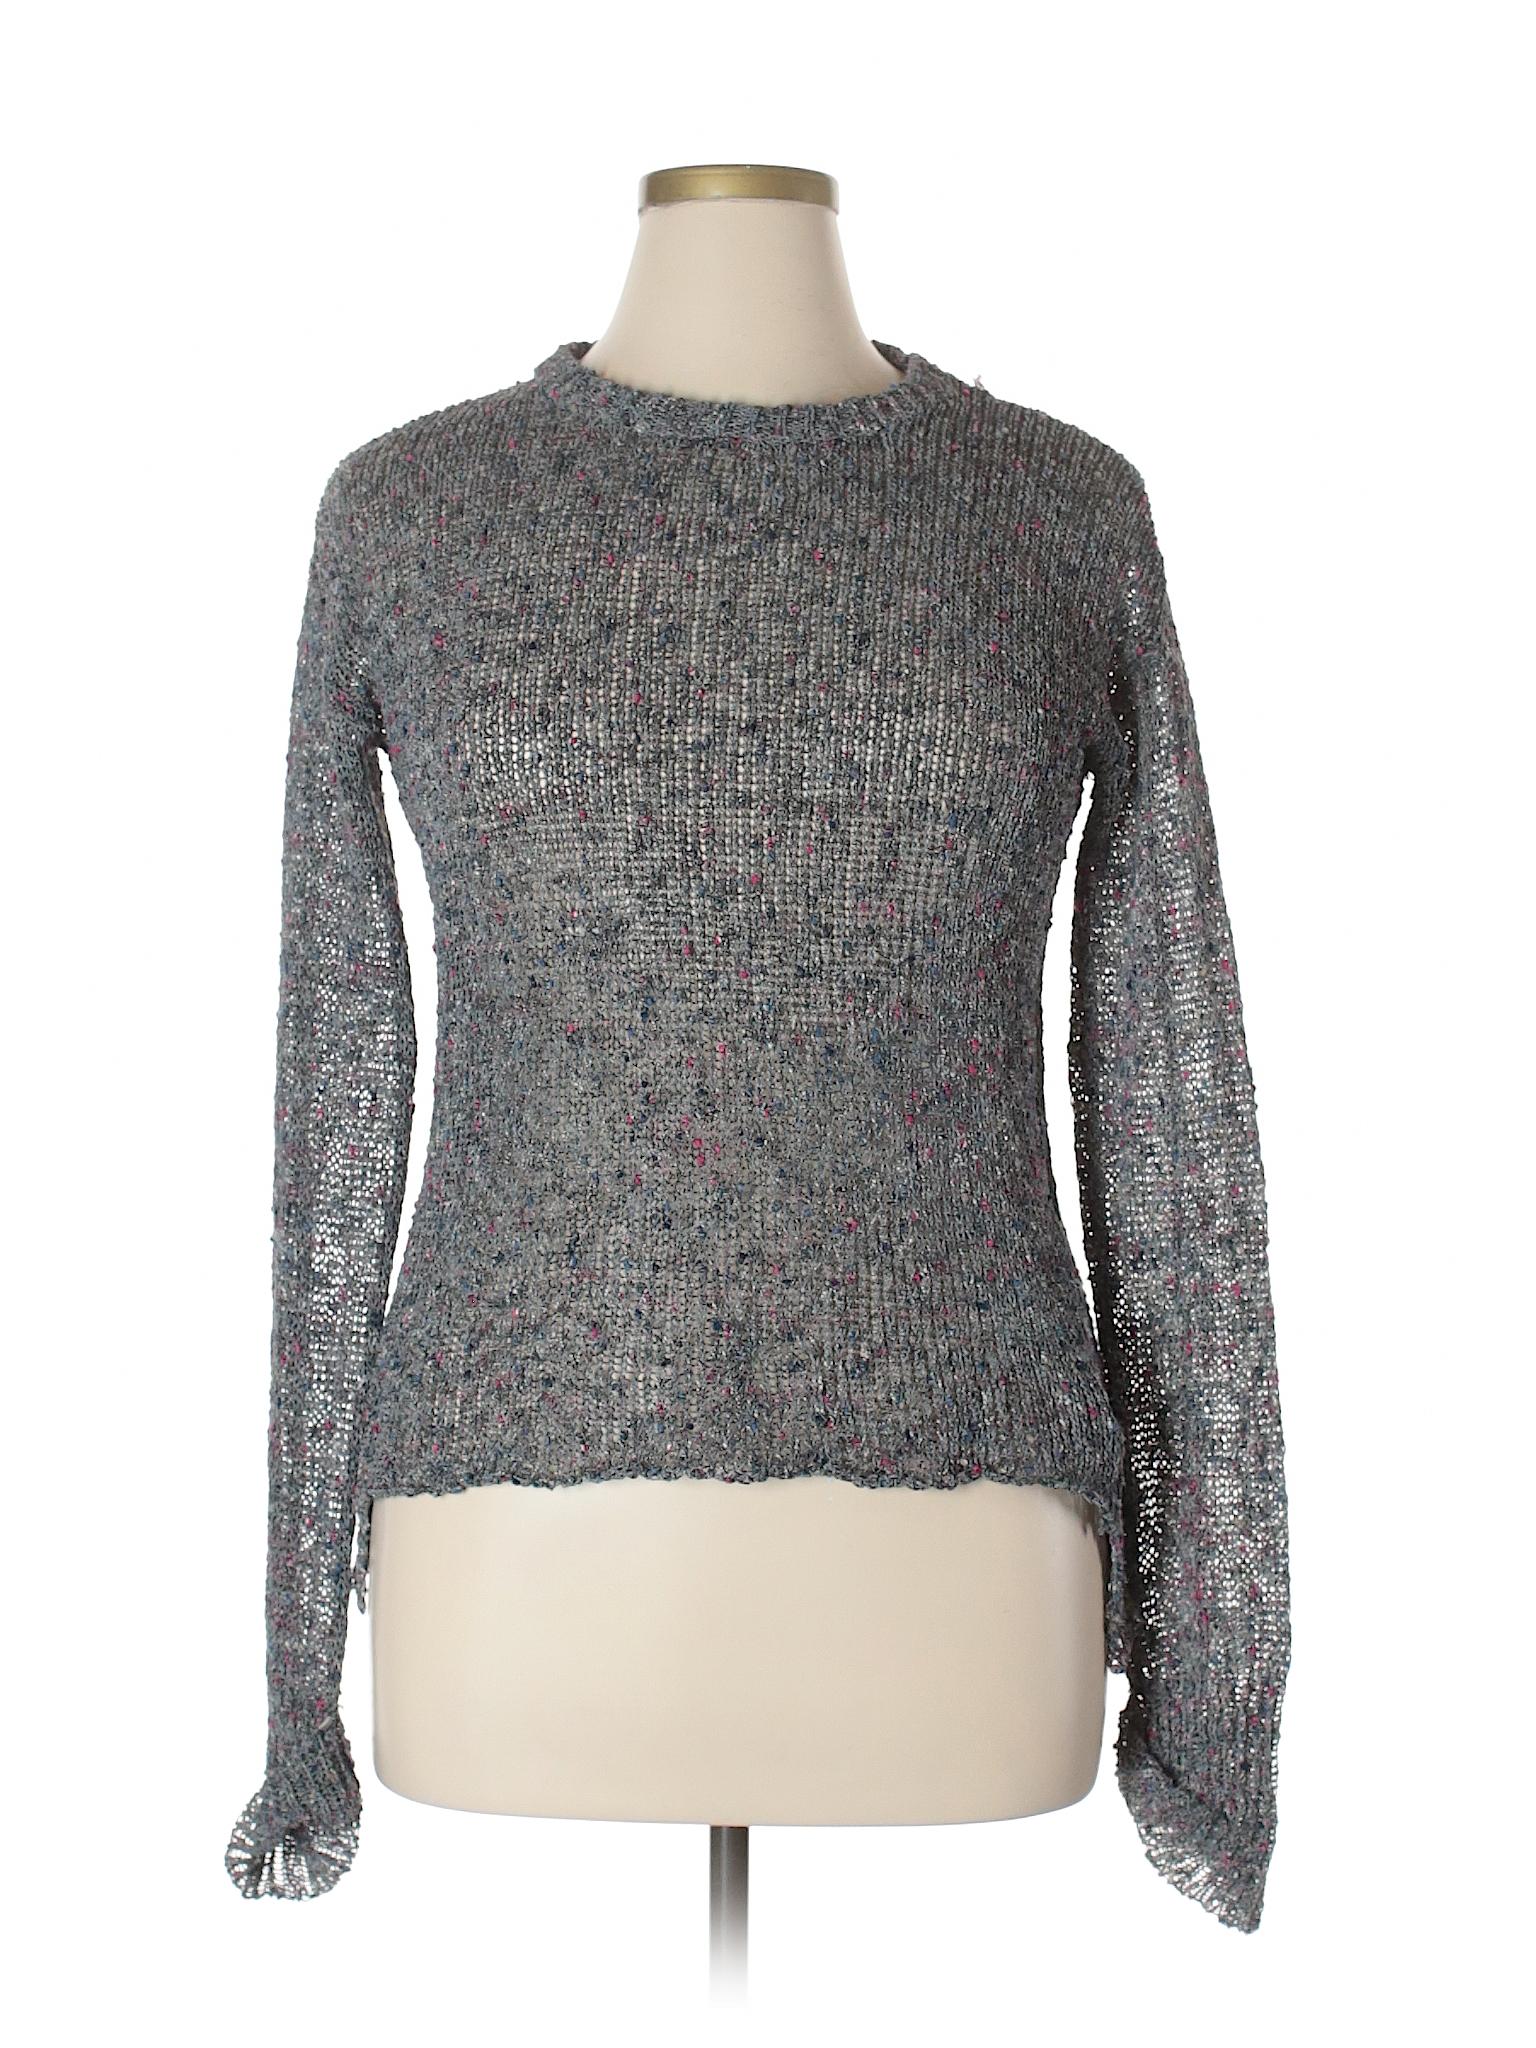 Havana Vintage Pullover Boutique Sweater winter wqFE1En6T